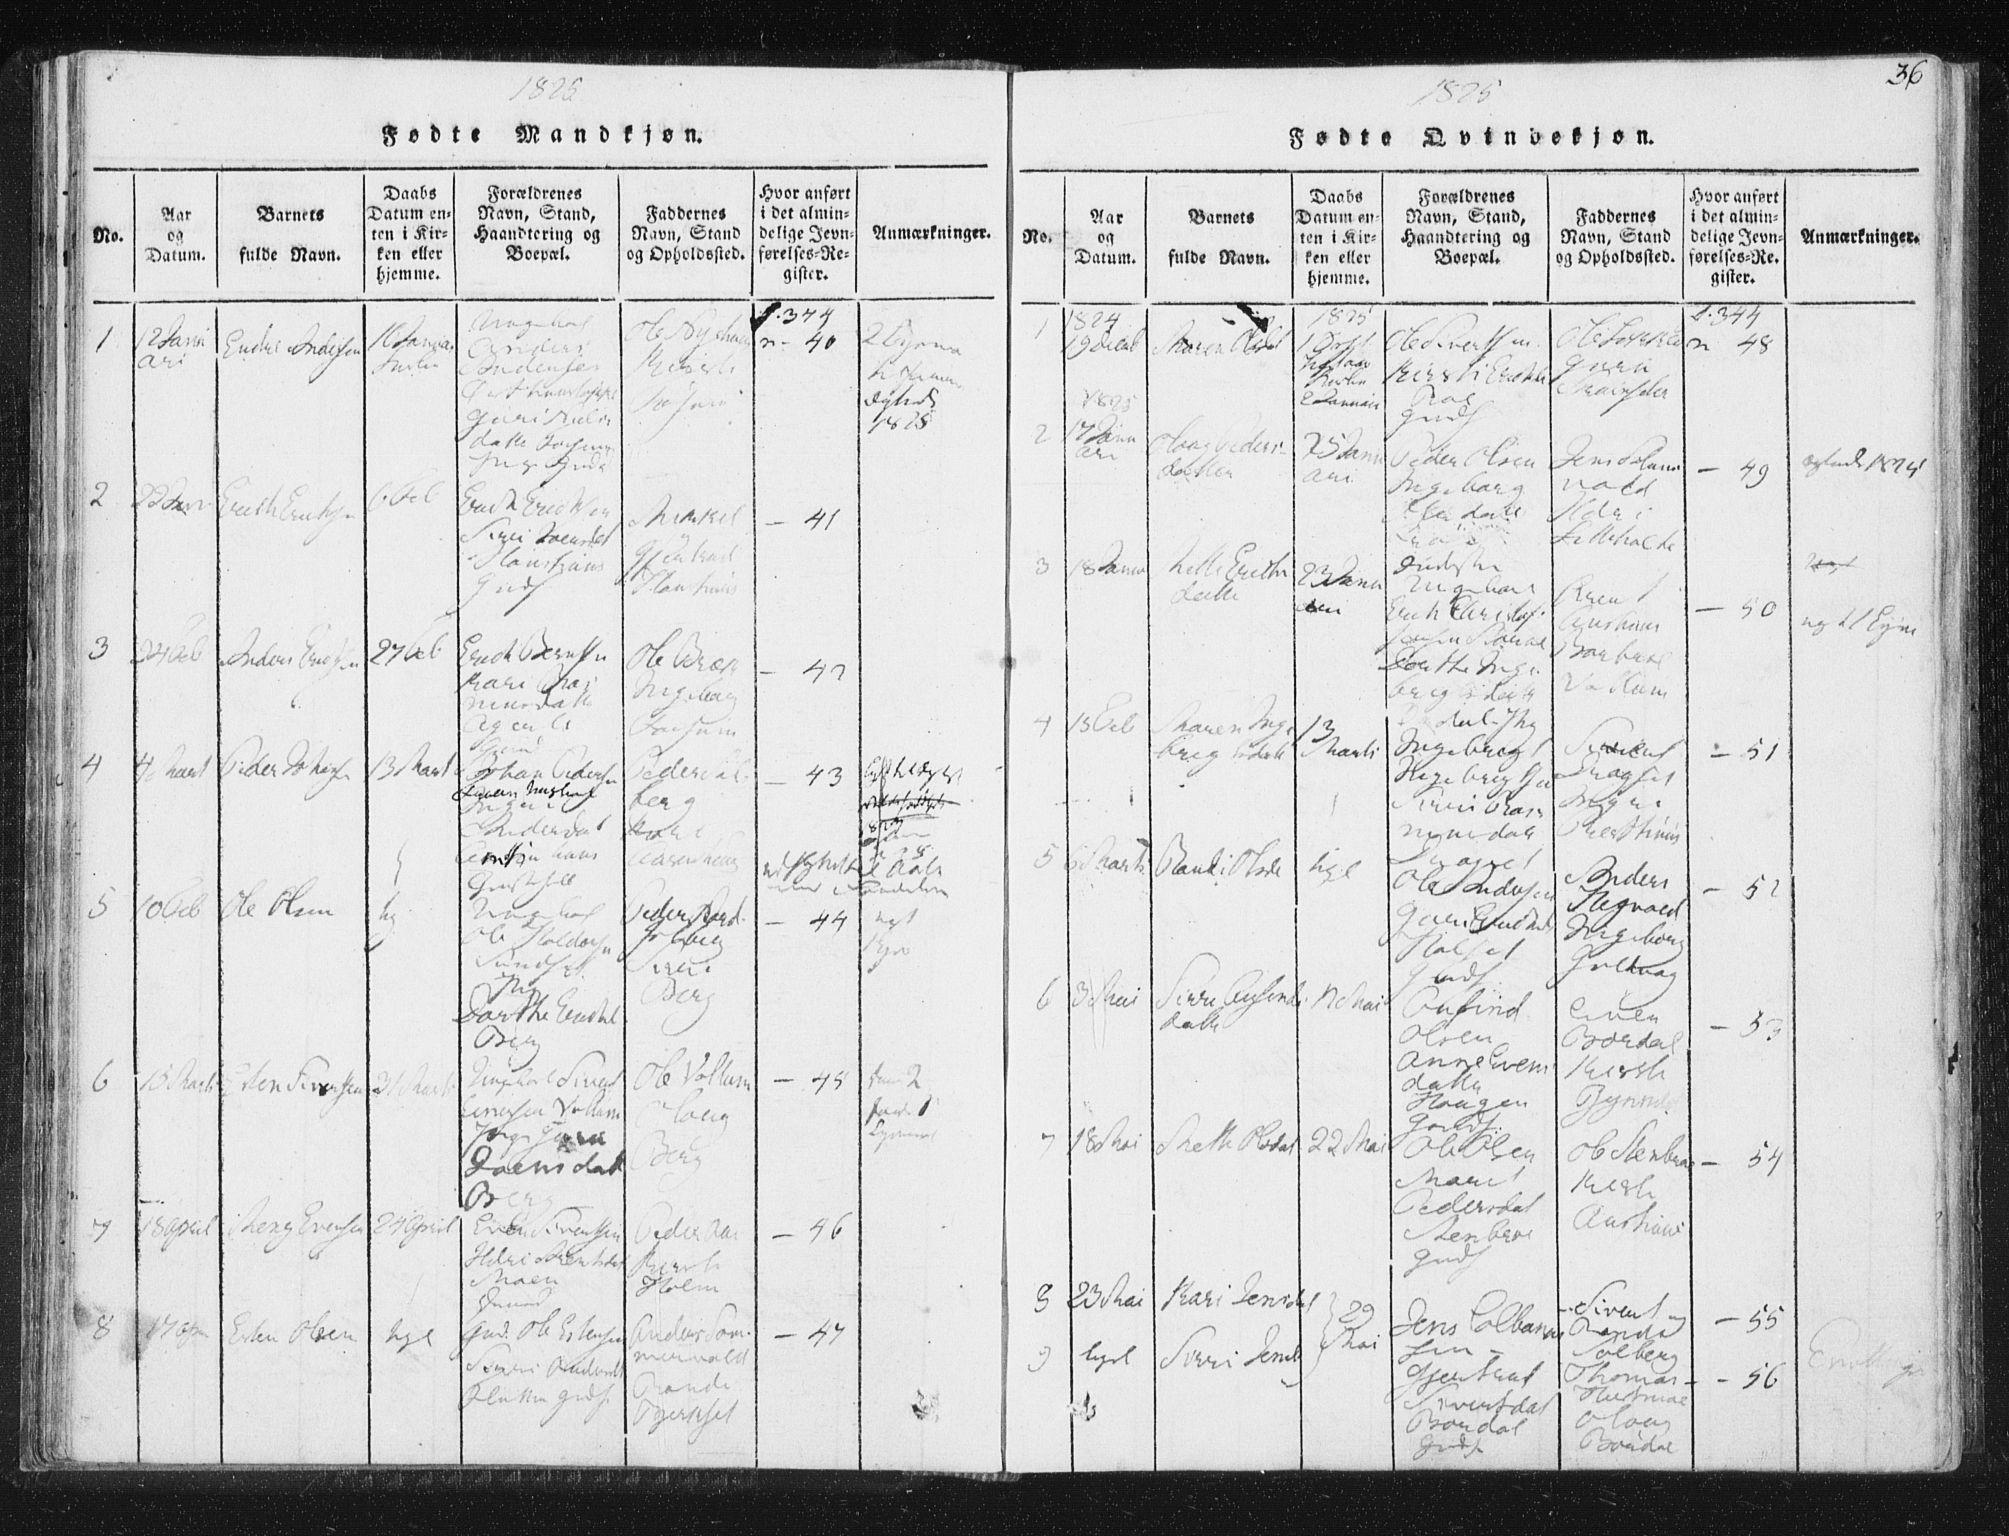 SAT, Ministerialprotokoller, klokkerbøker og fødselsregistre - Sør-Trøndelag, 689/L1037: Ministerialbok nr. 689A02, 1816-1842, s. 36